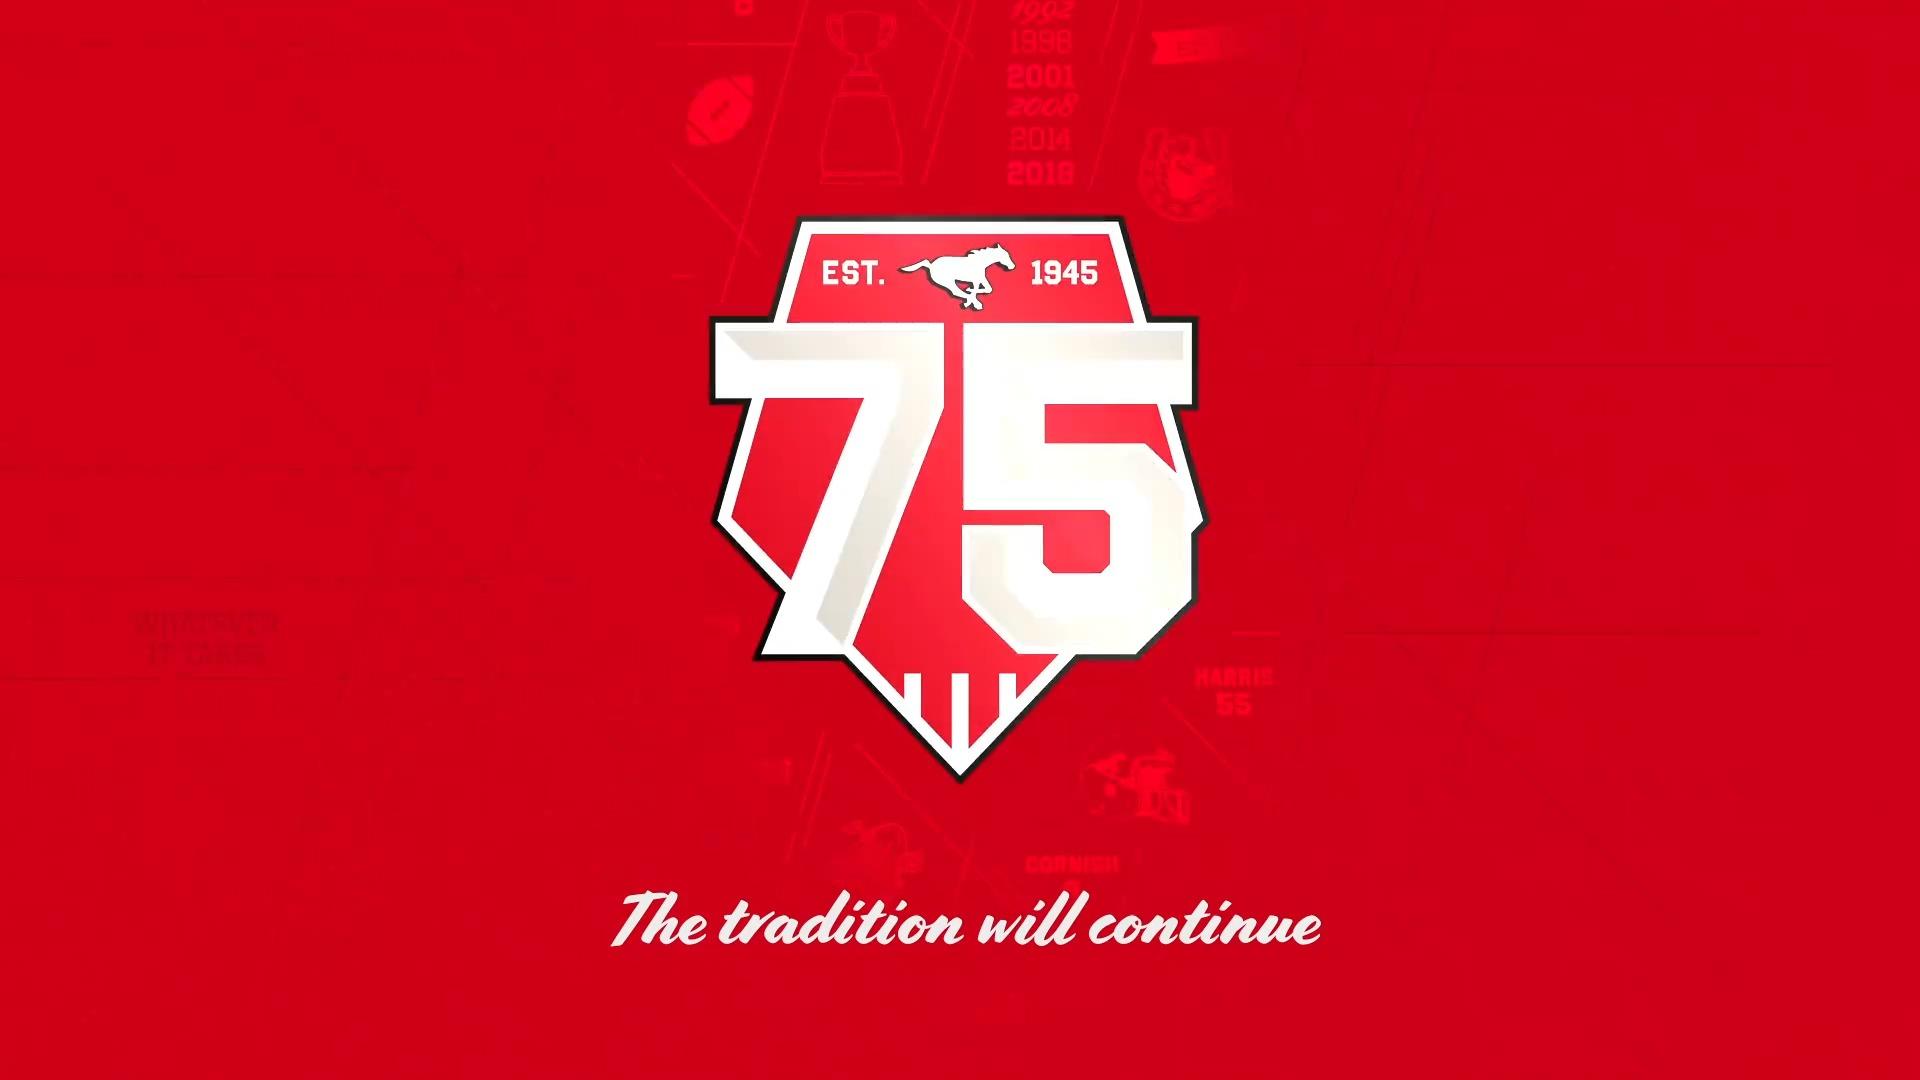 Uniforme 75e anniversaire des Stamps – La tradition se poursuit!